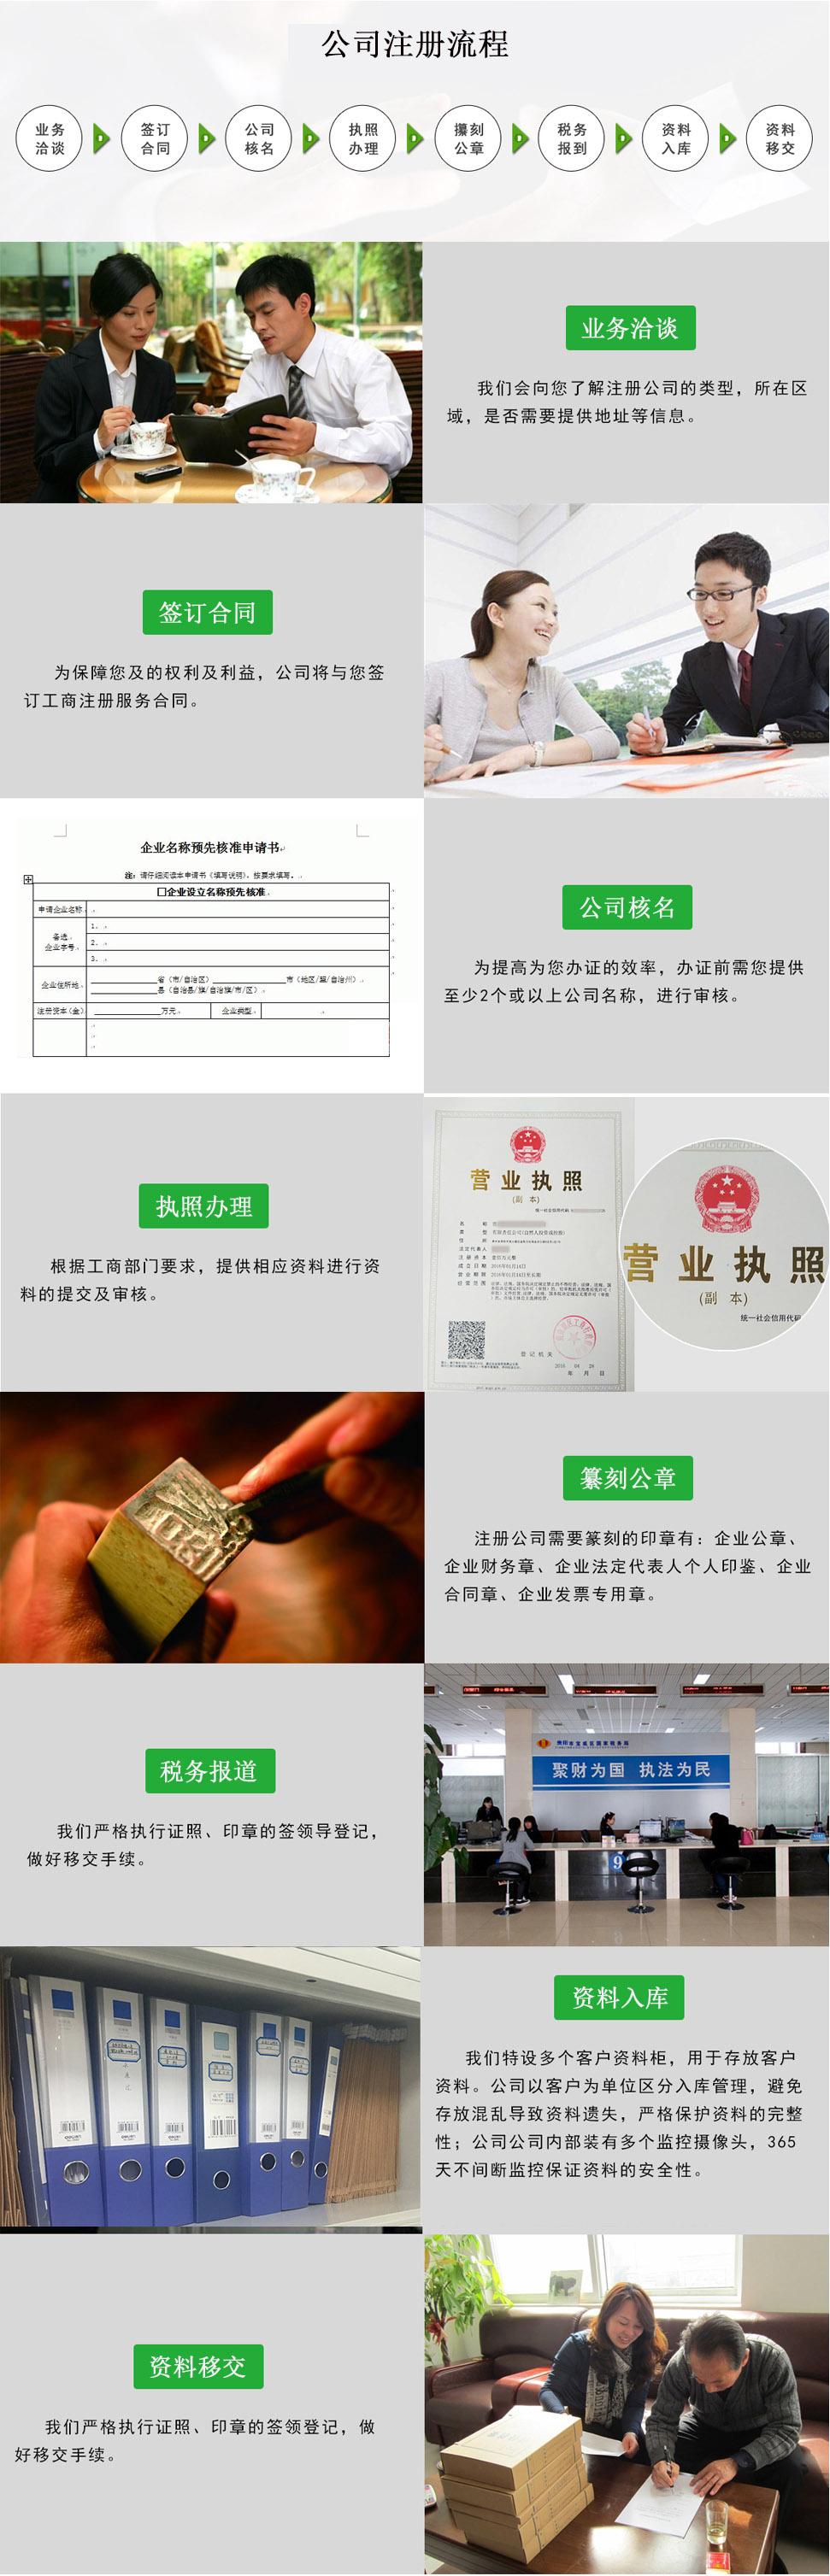 宏丰棋牌捕鱼-宏丰棋牌官网下载捕鱼达人-宏丰棋牌.jpg